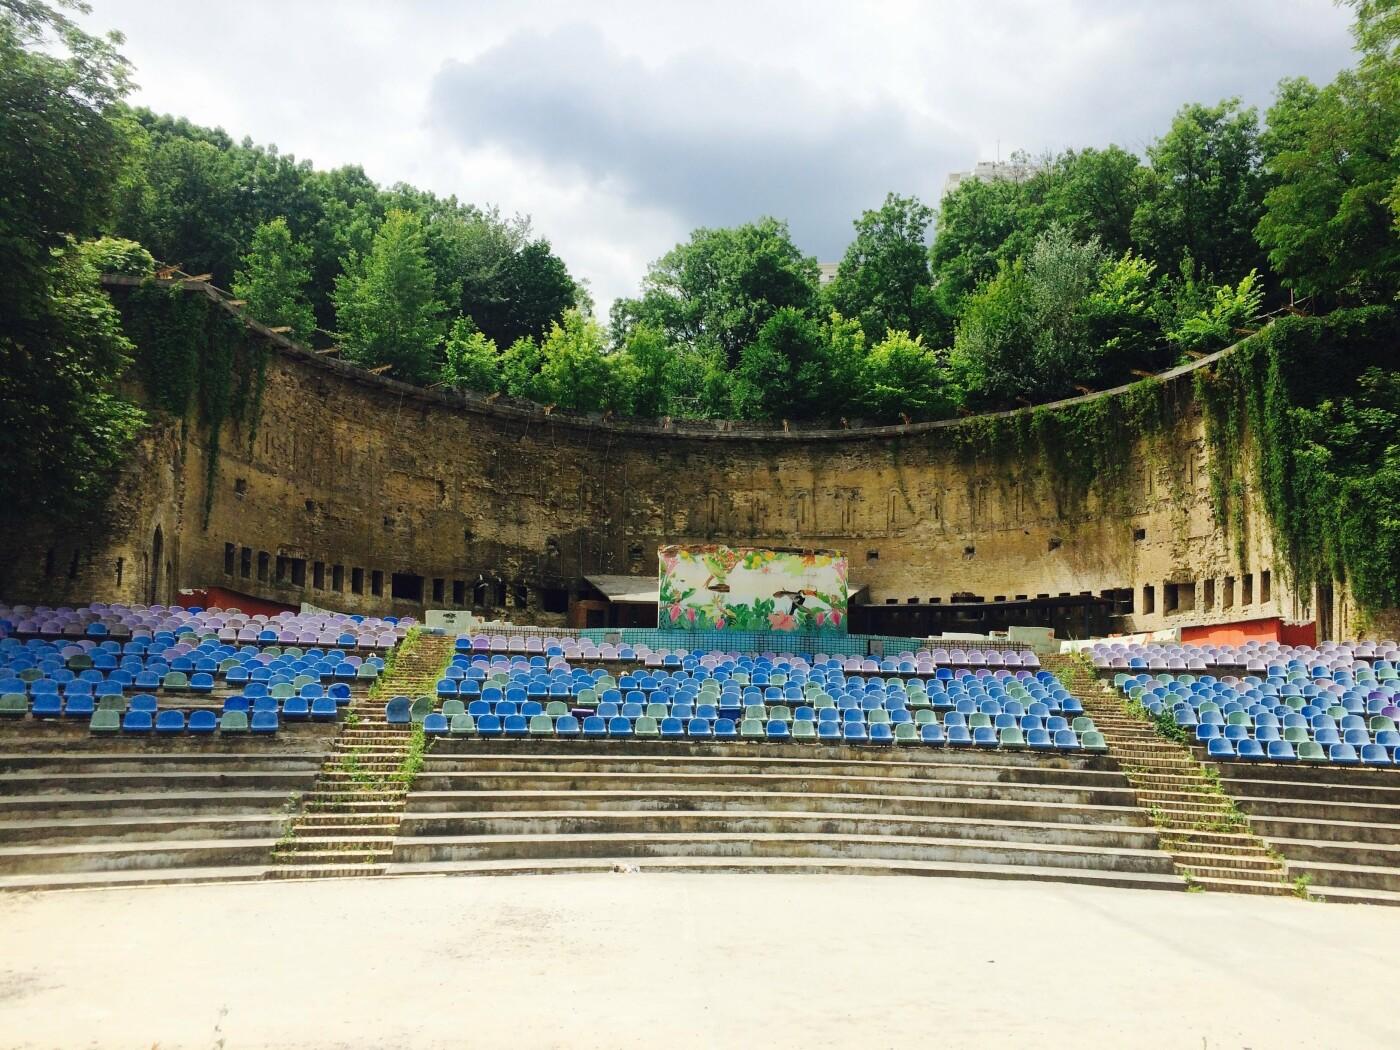 Зеленый театр в Киеве: строительство, запустение и мистические легенды вокруг него, - ФОТО, Фото: Анастасия Маринич